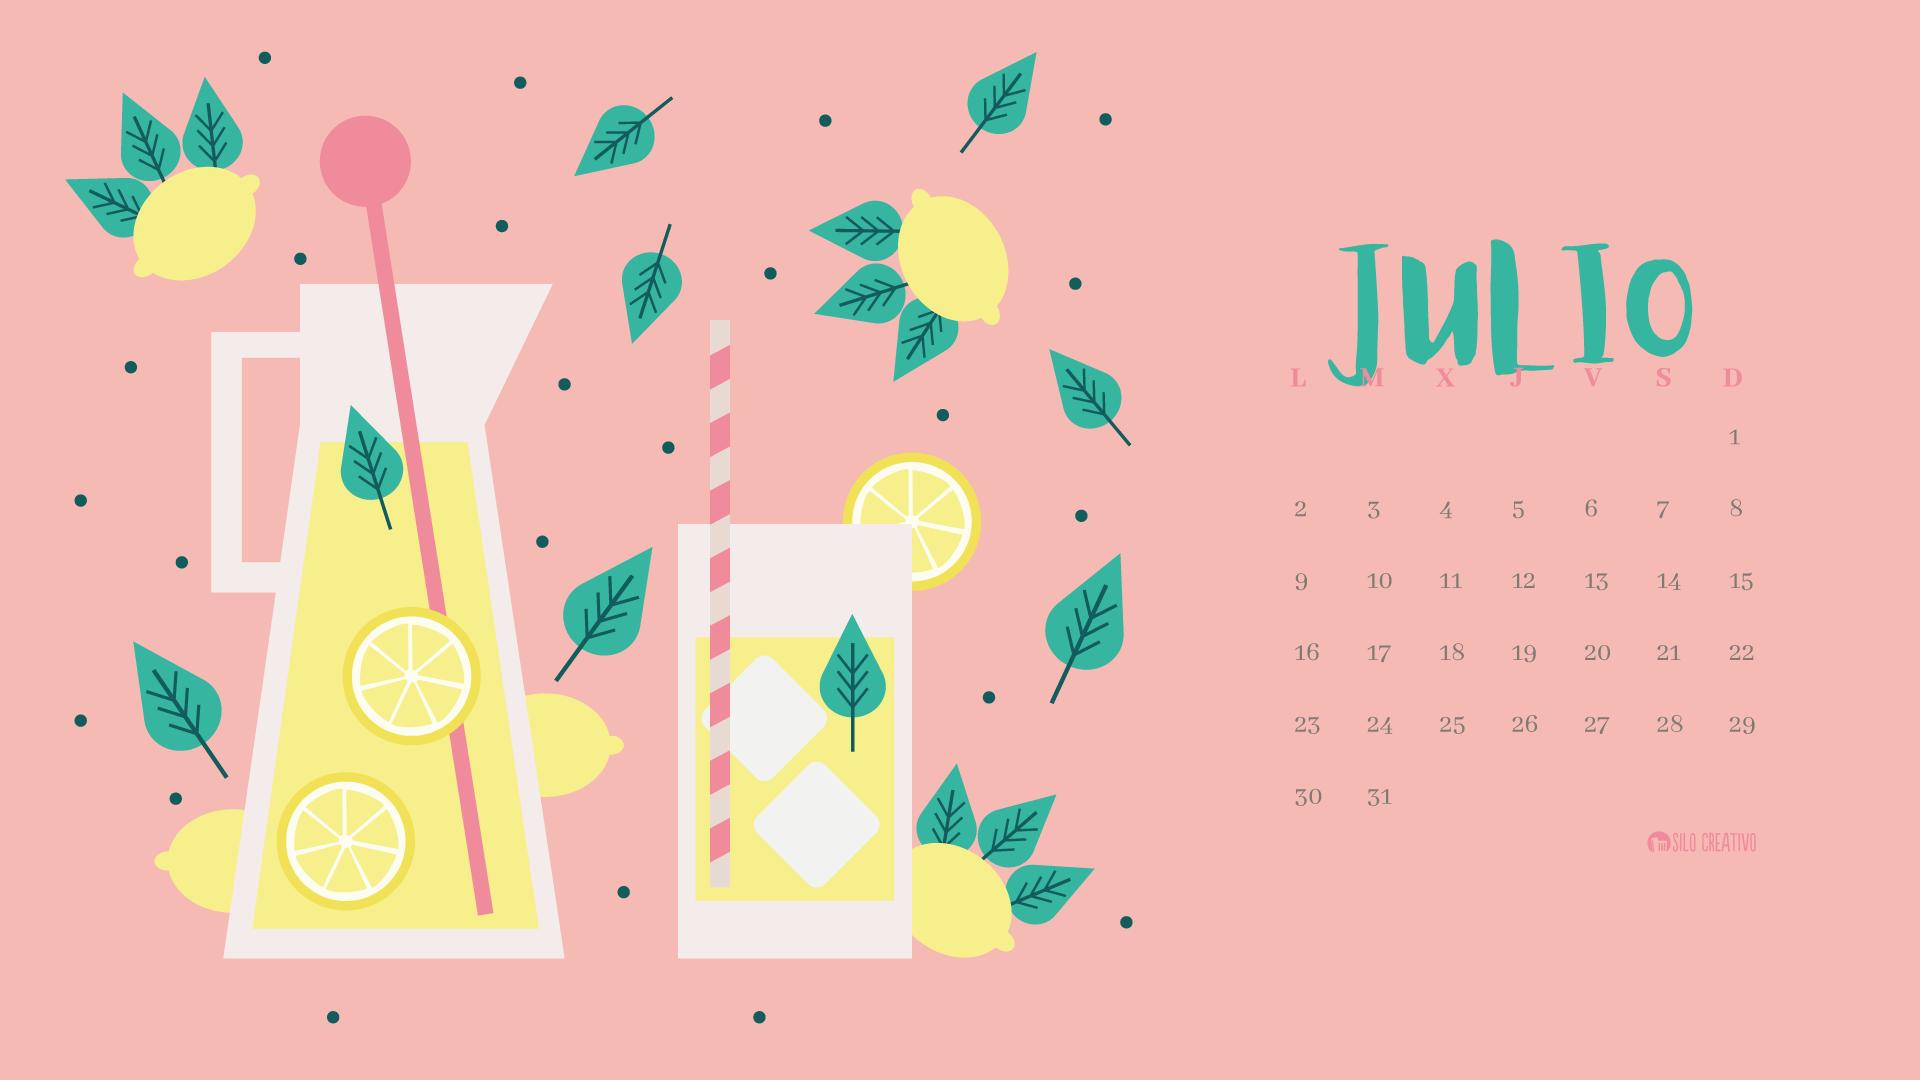 Julio Calendario.Calendario Descargable Julio 2019 Silo Creativo